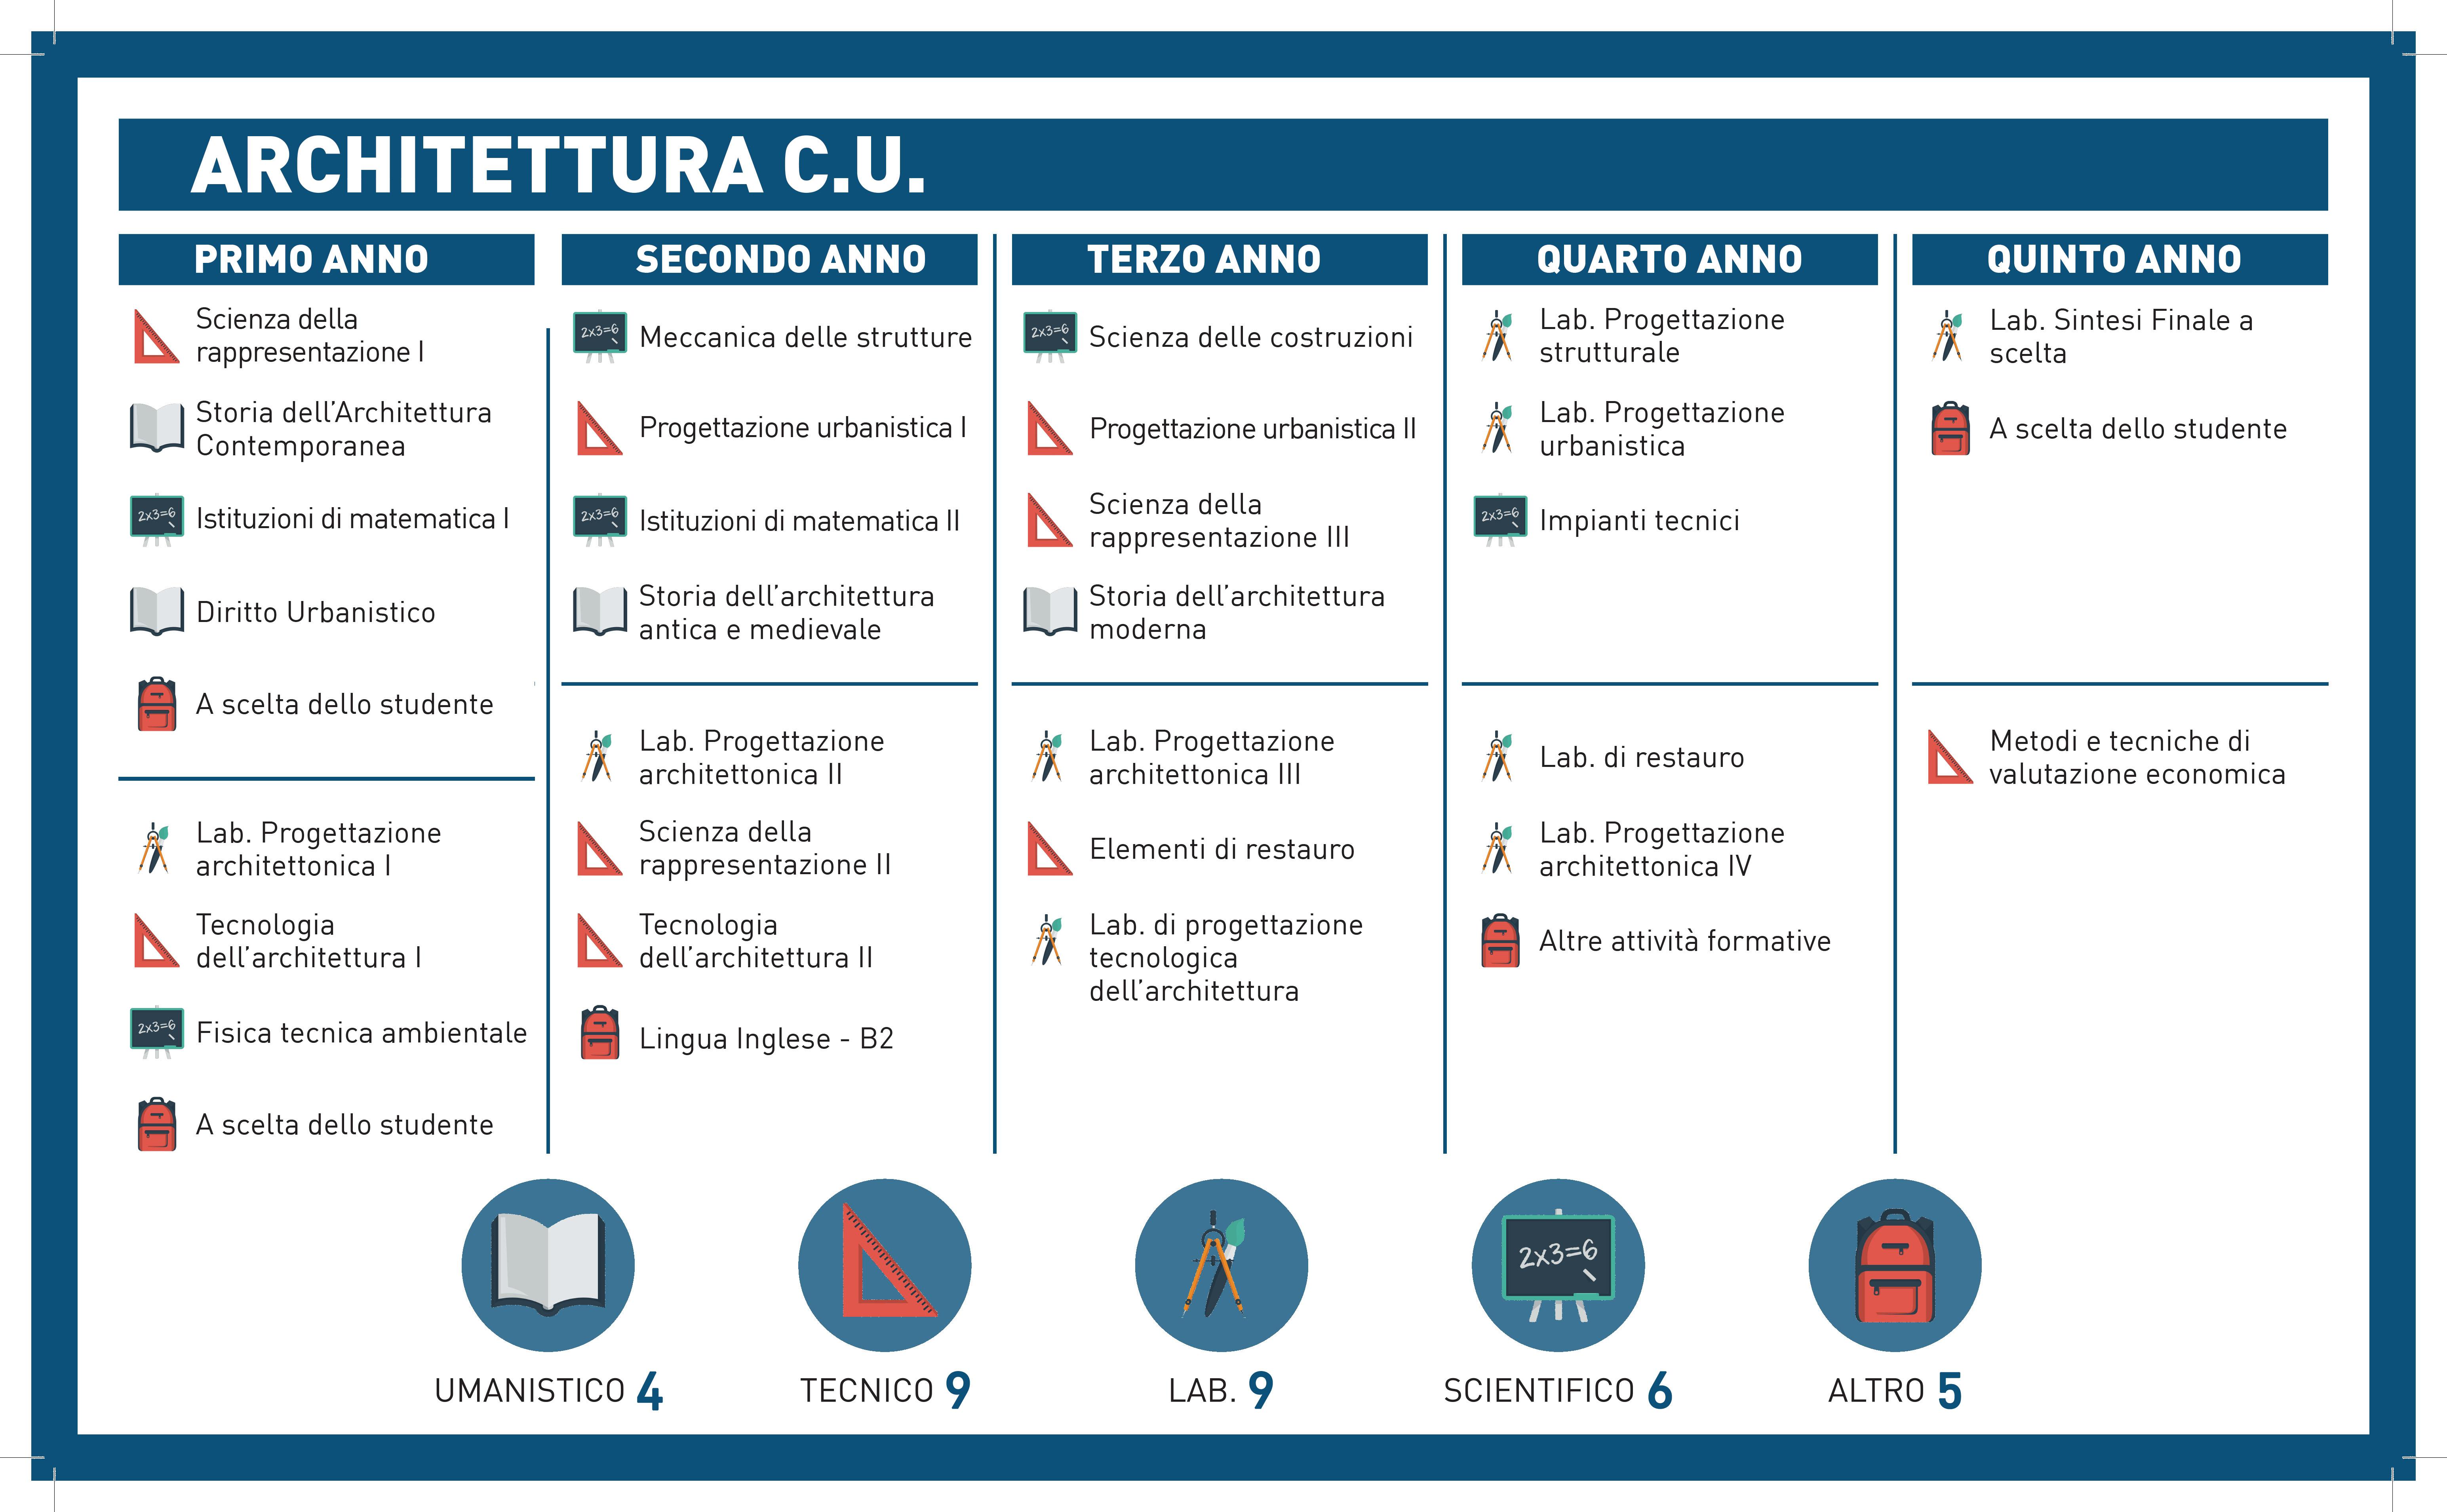 ARCHITETTURA CU